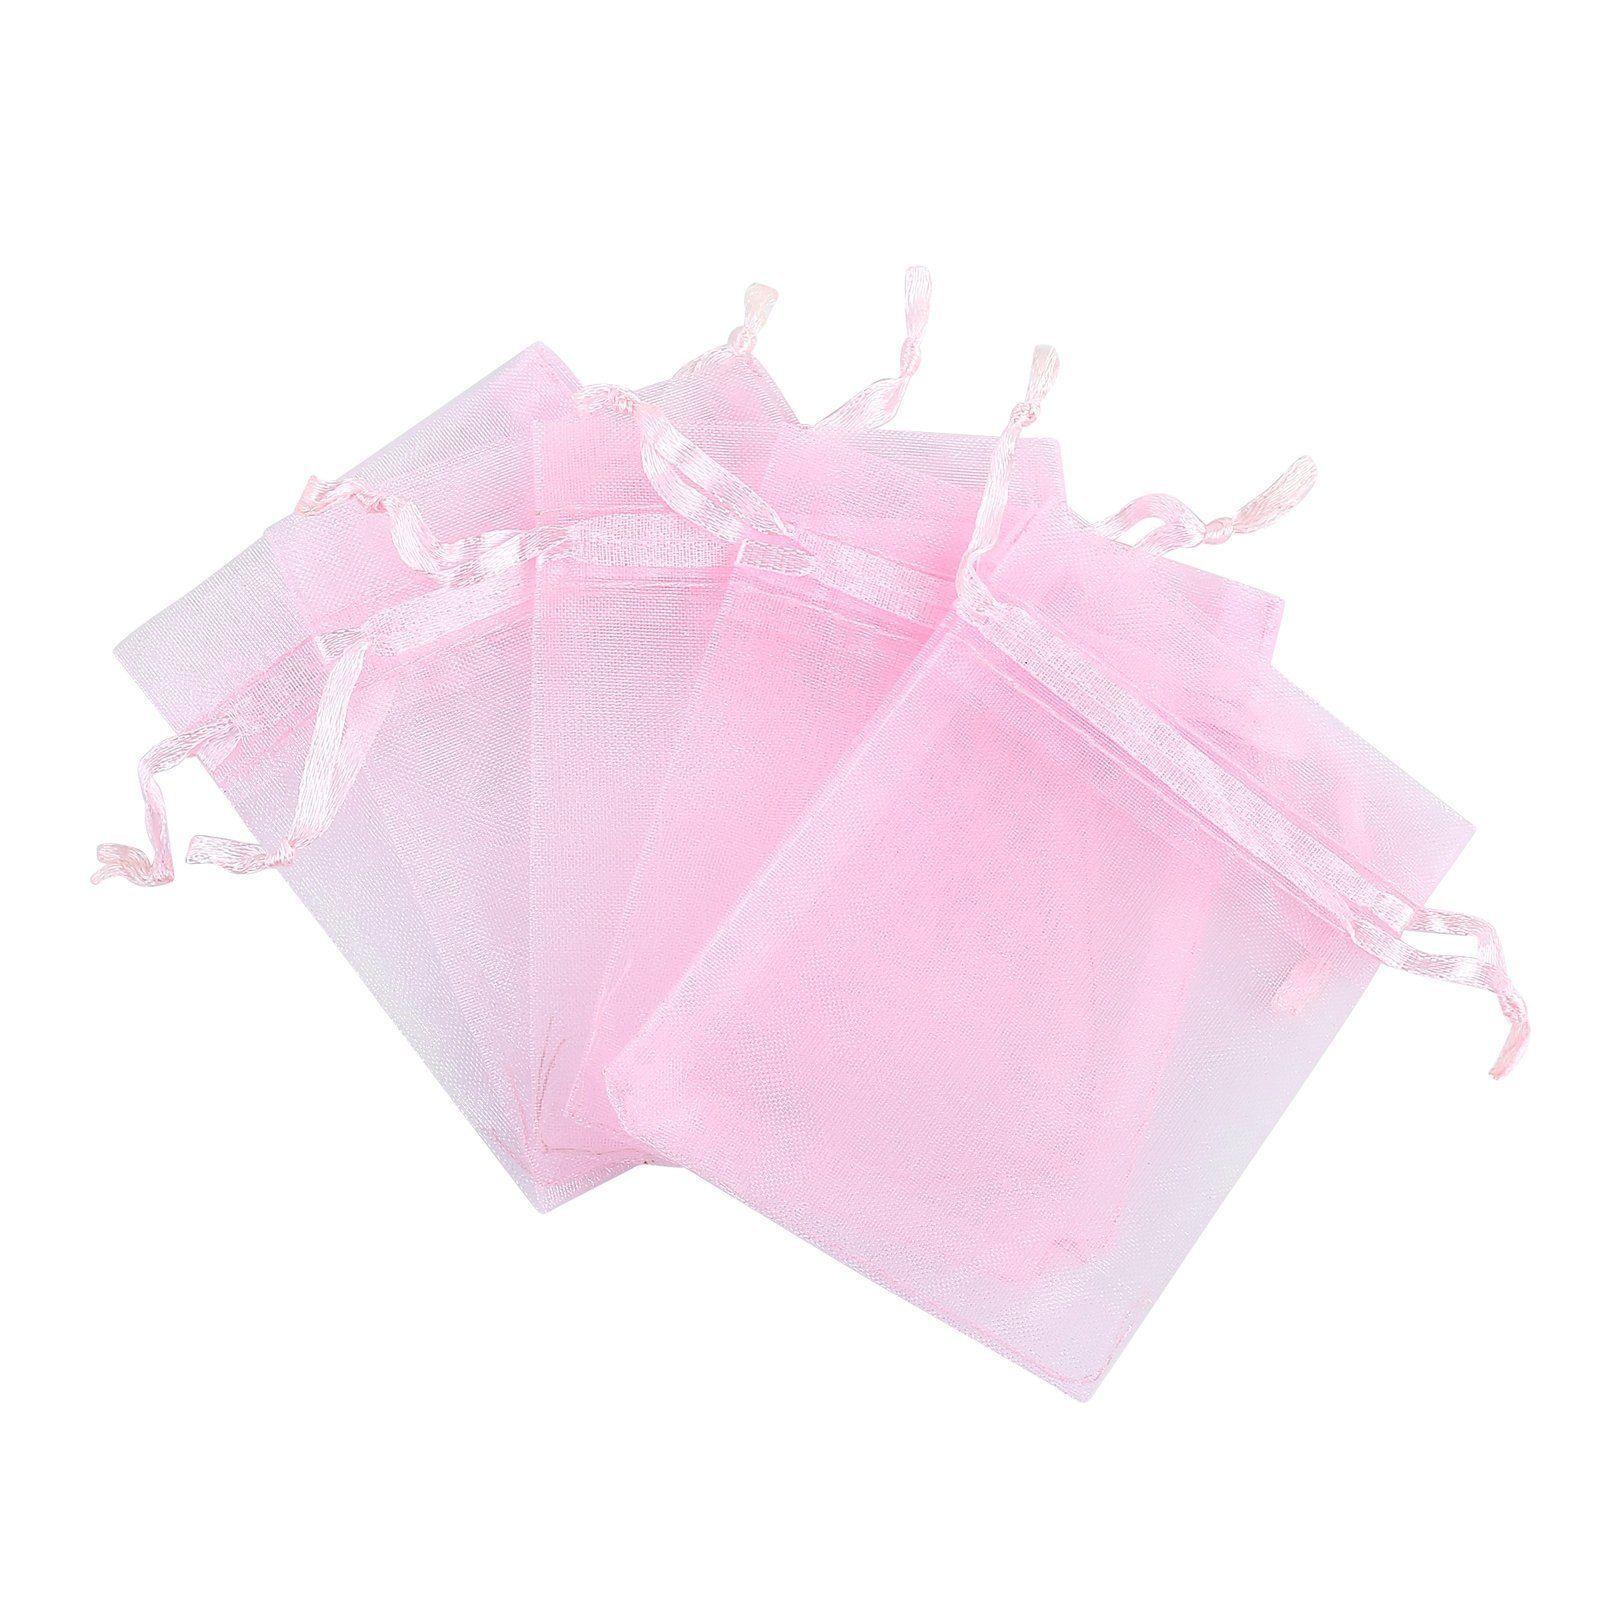 Sıcak satışlar ! 100pcs PINK İpli Organze Hediye Çanta 7x9cm 9x12cm 10x15cm Düğün Noel takı Bags Favor